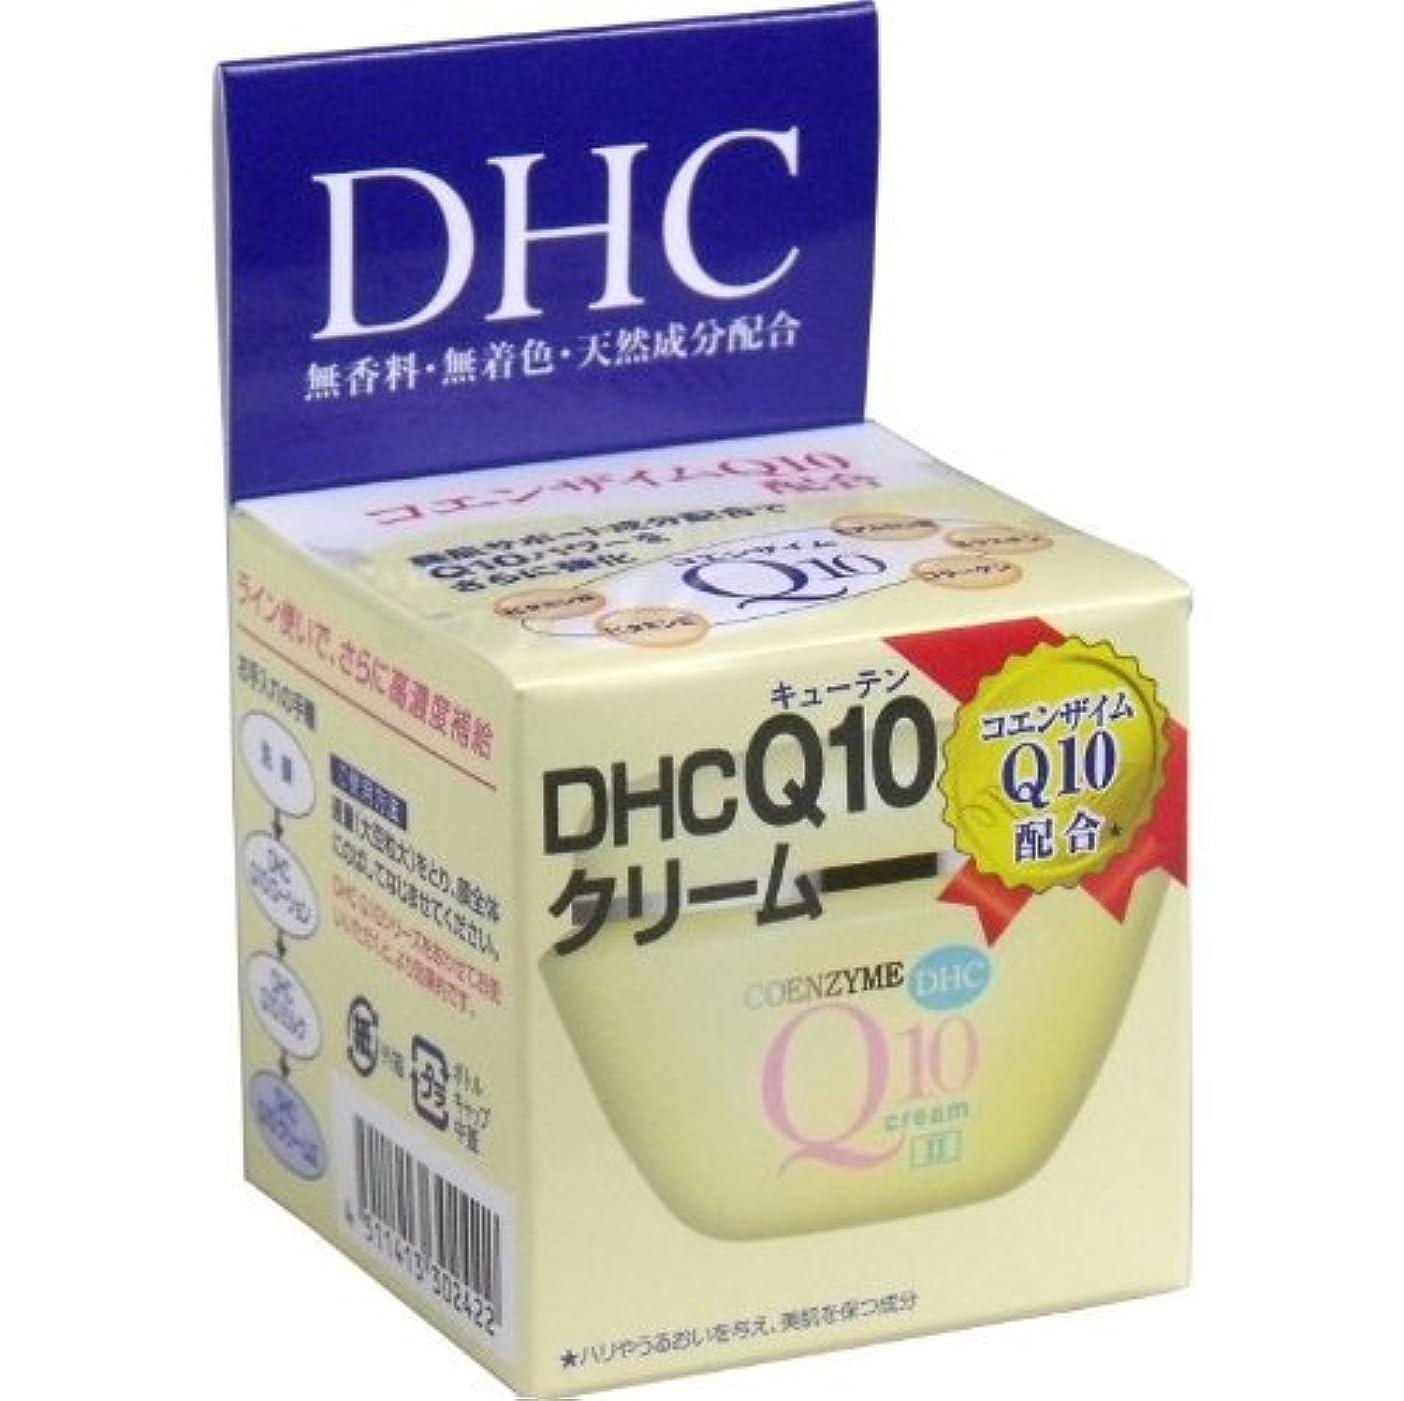 凶暴な治世耕す【セット品】DHC Q10クリーム2 20g 7個